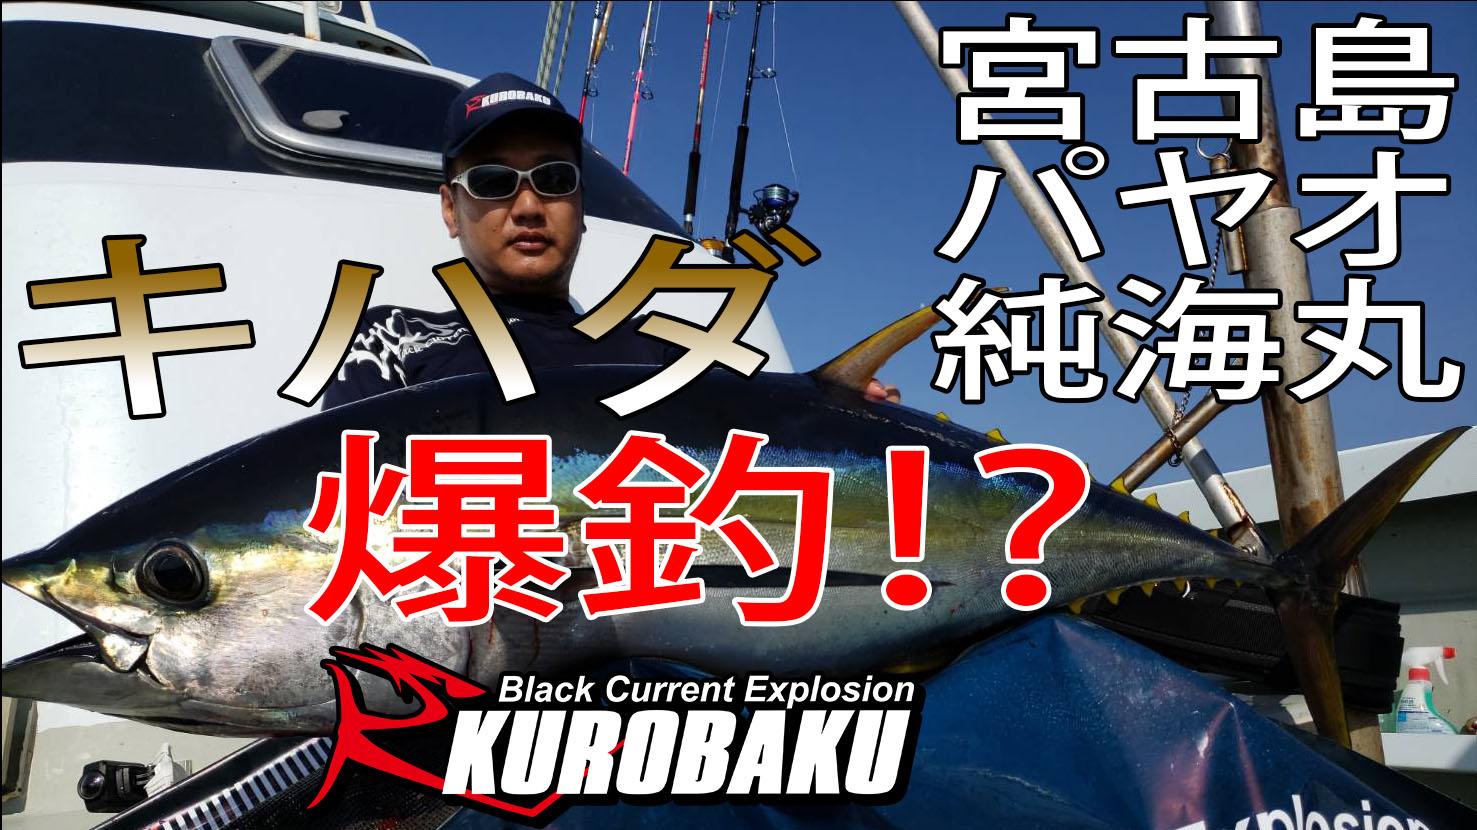 宮古島パヤオ 純海丸 キハダ釣行のサムネイル